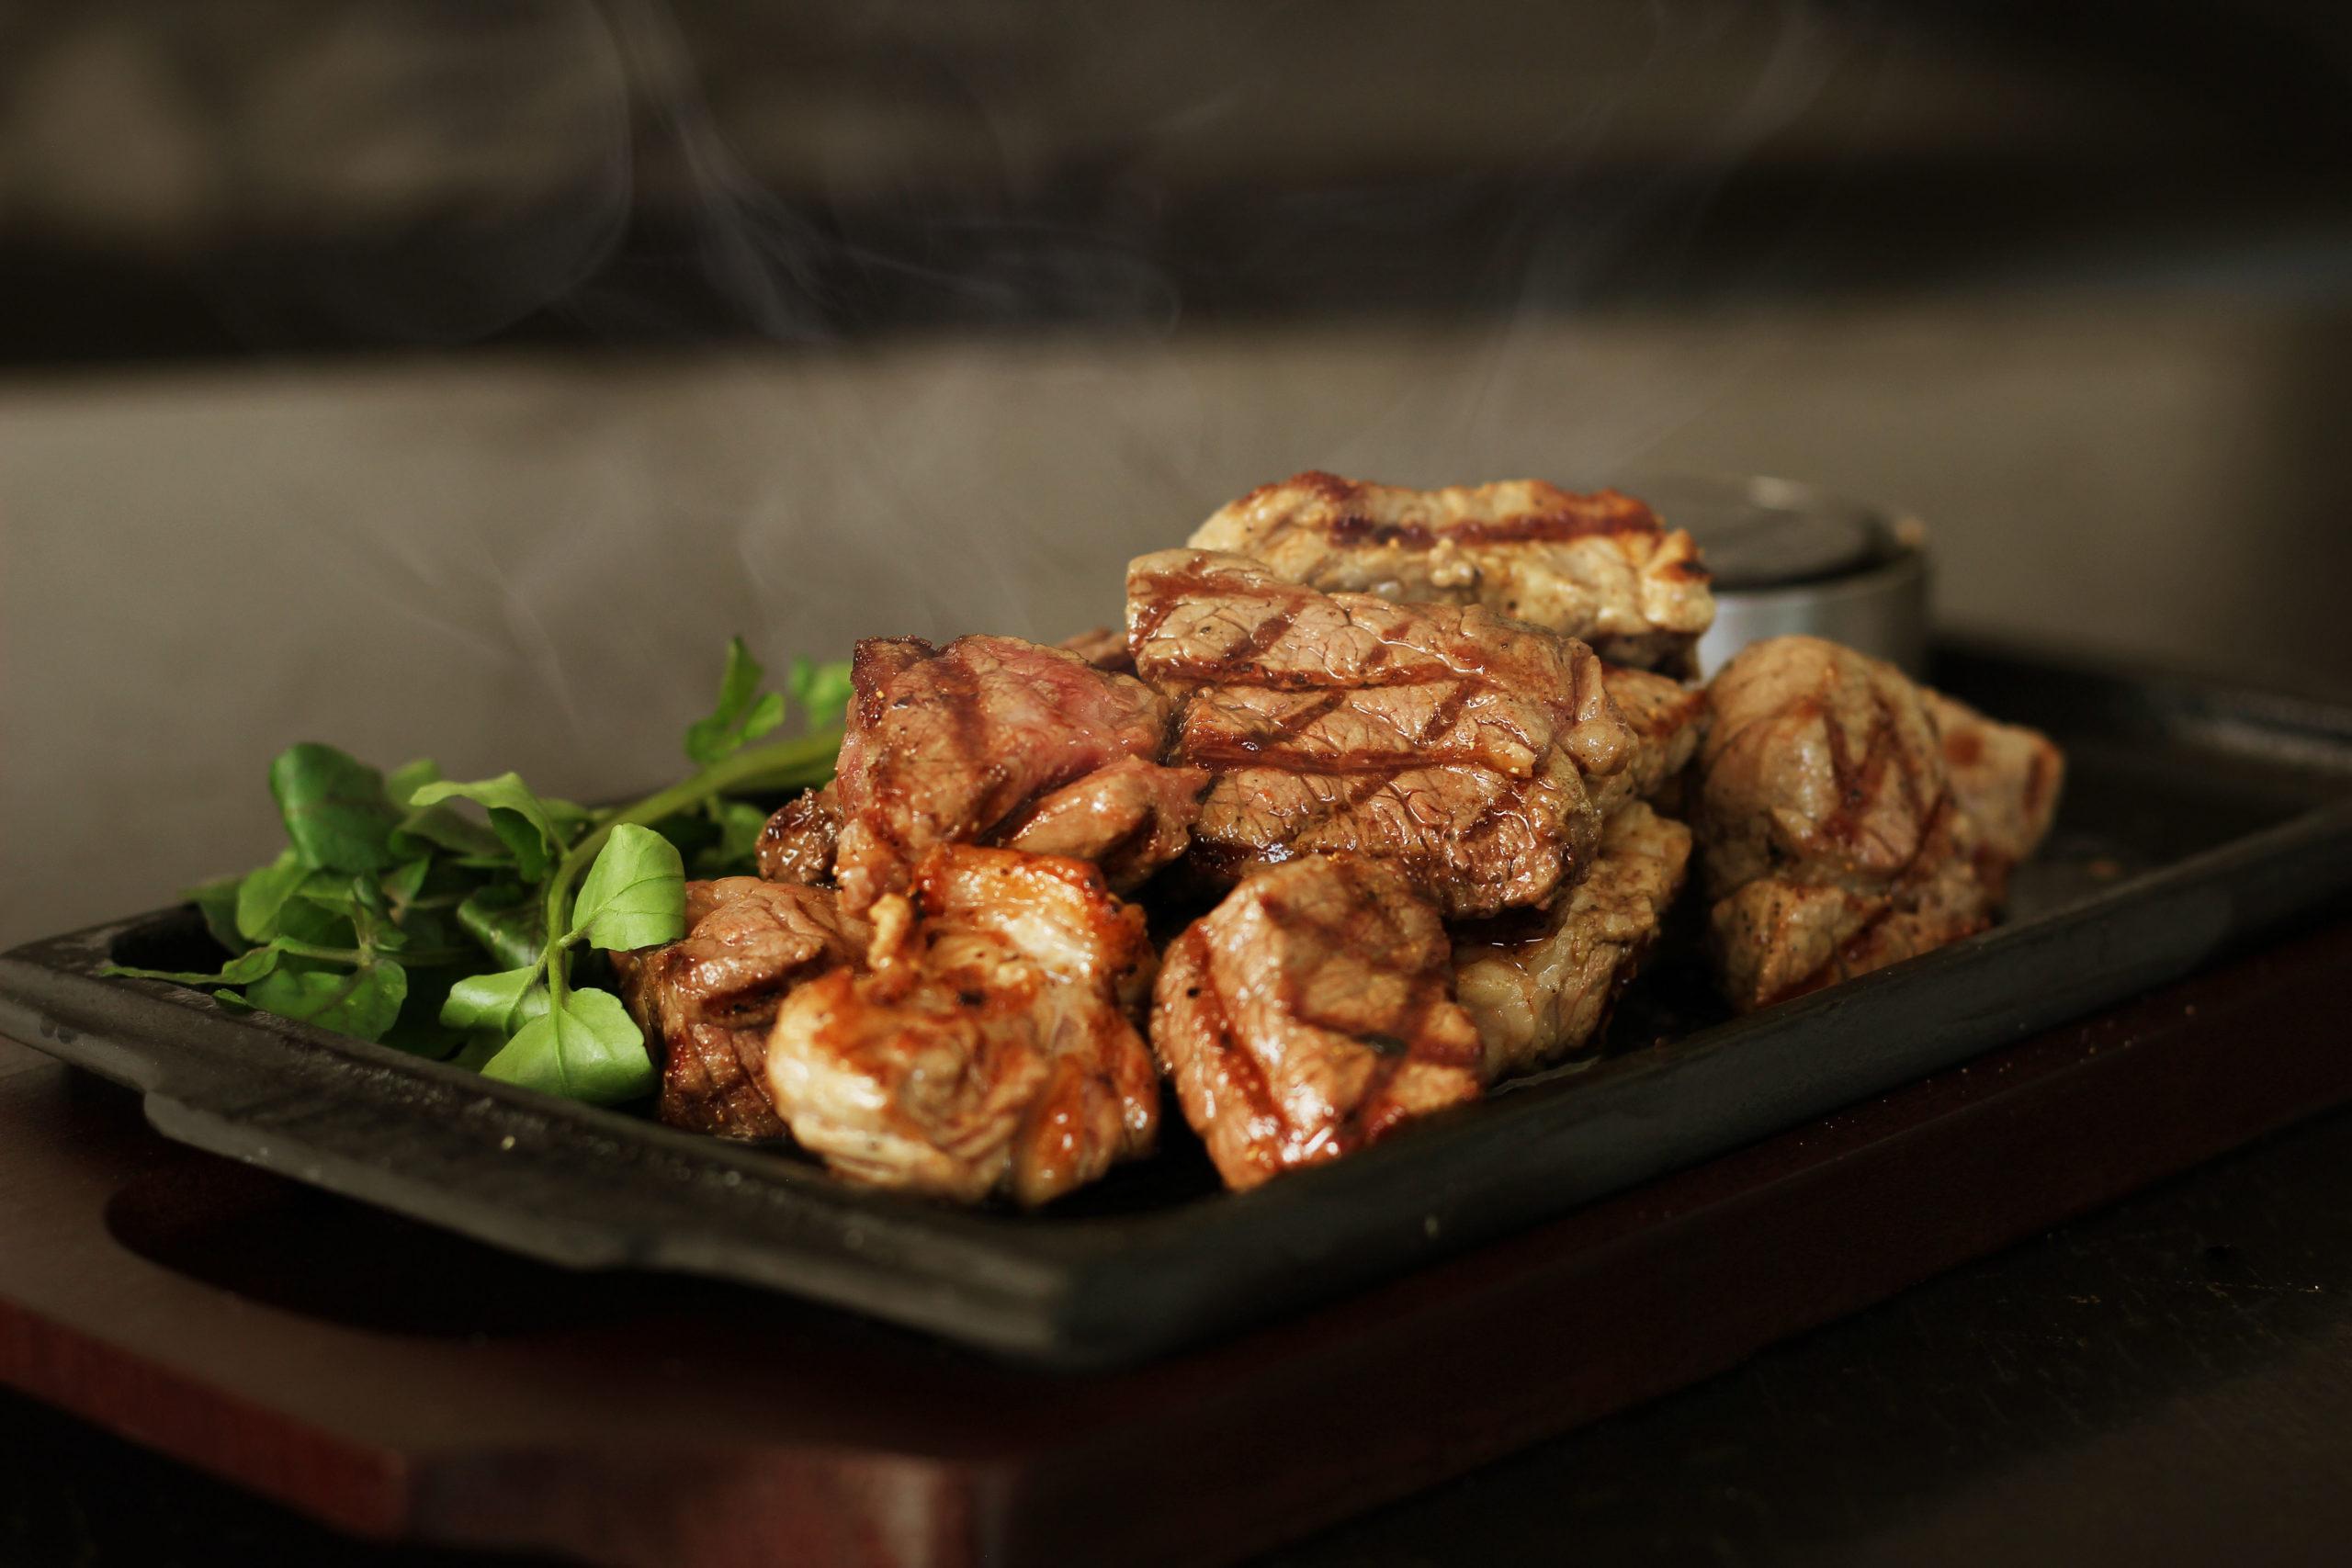 「ごちめし」の食事券はギフトに最適。ガッツリ食べたい!ステーキ&ケバブの人気店・神奈川編